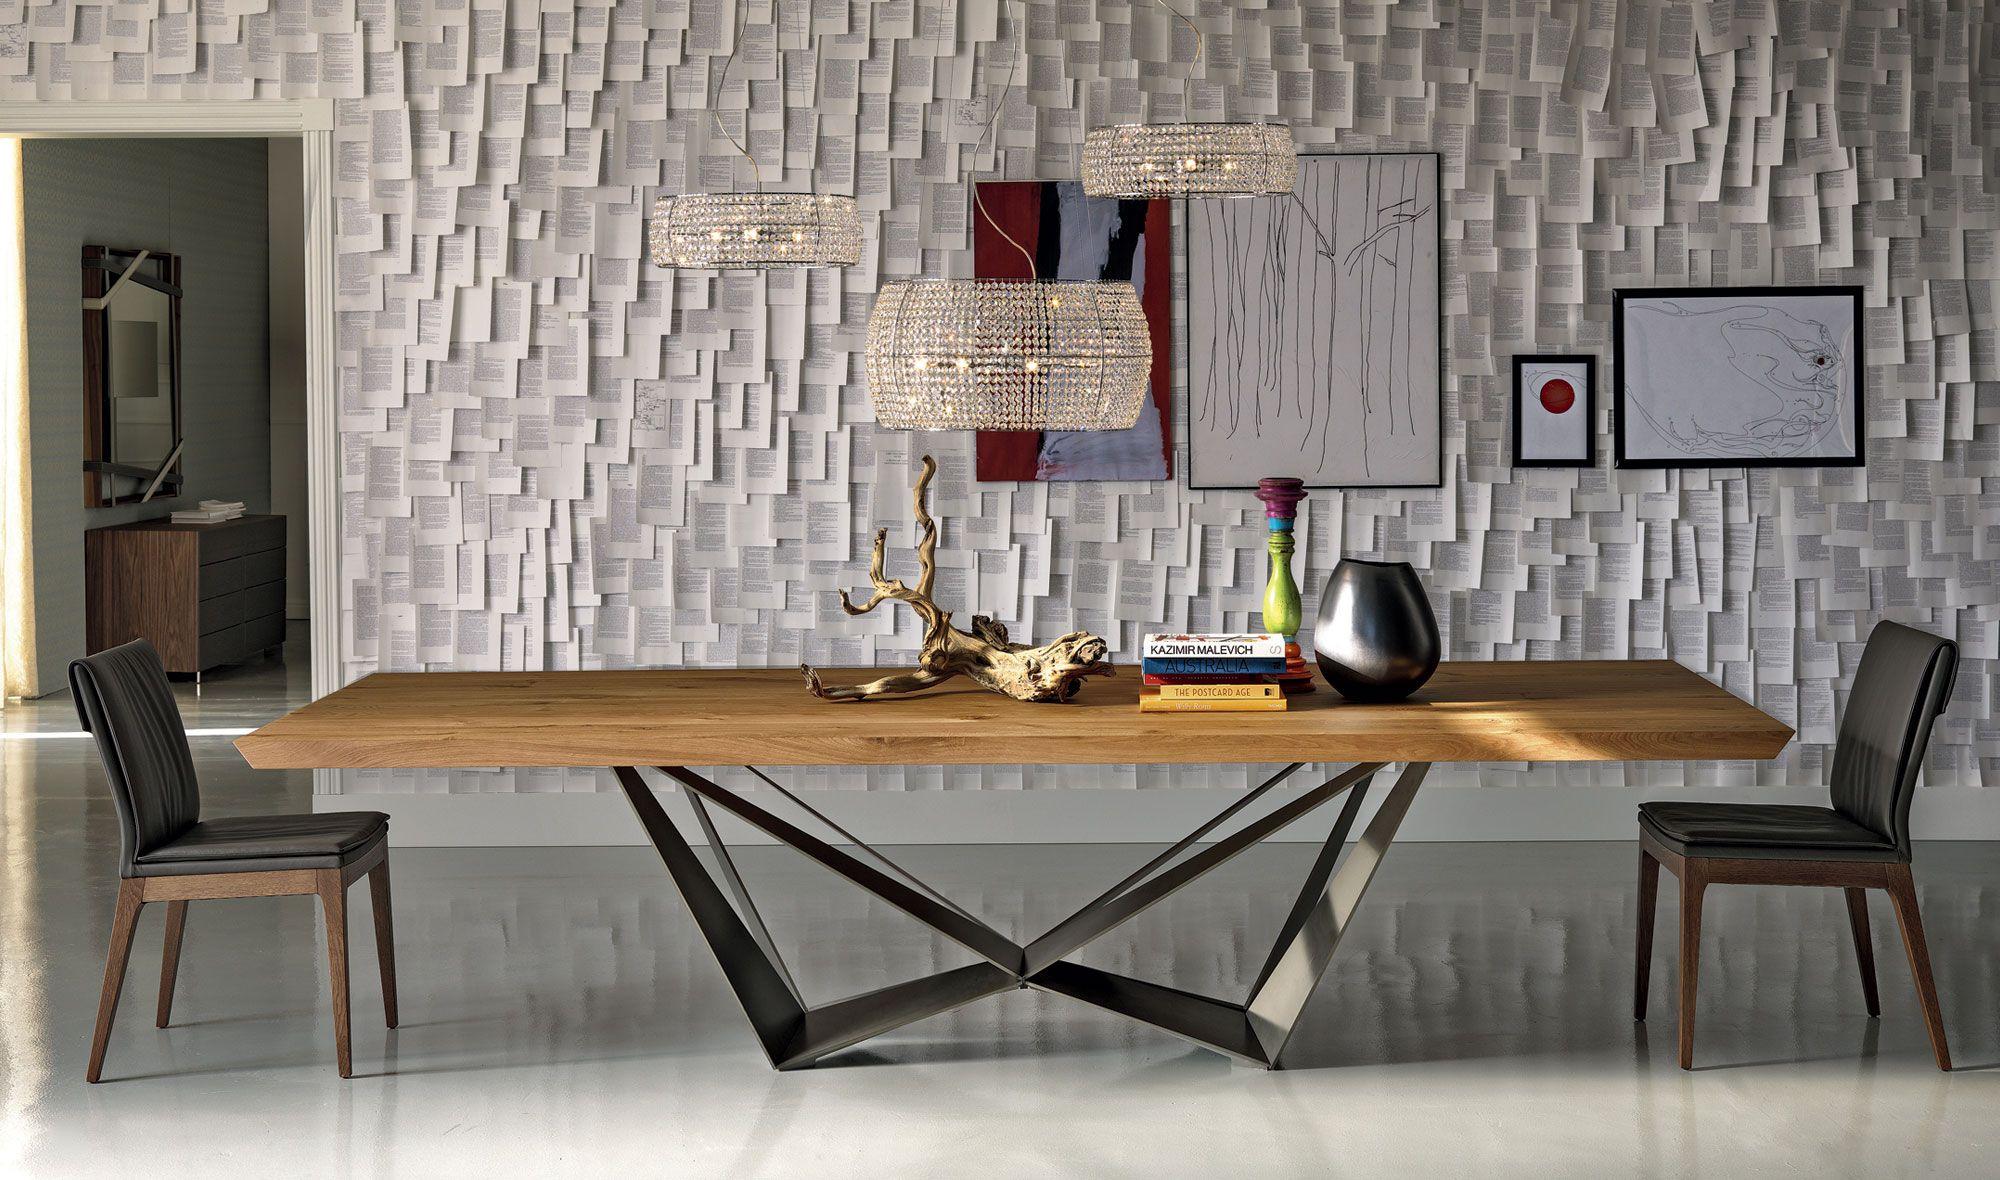 Muebles cosas de arquitectos mesa de comedor moderna - Muebles de comedor de diseno ...